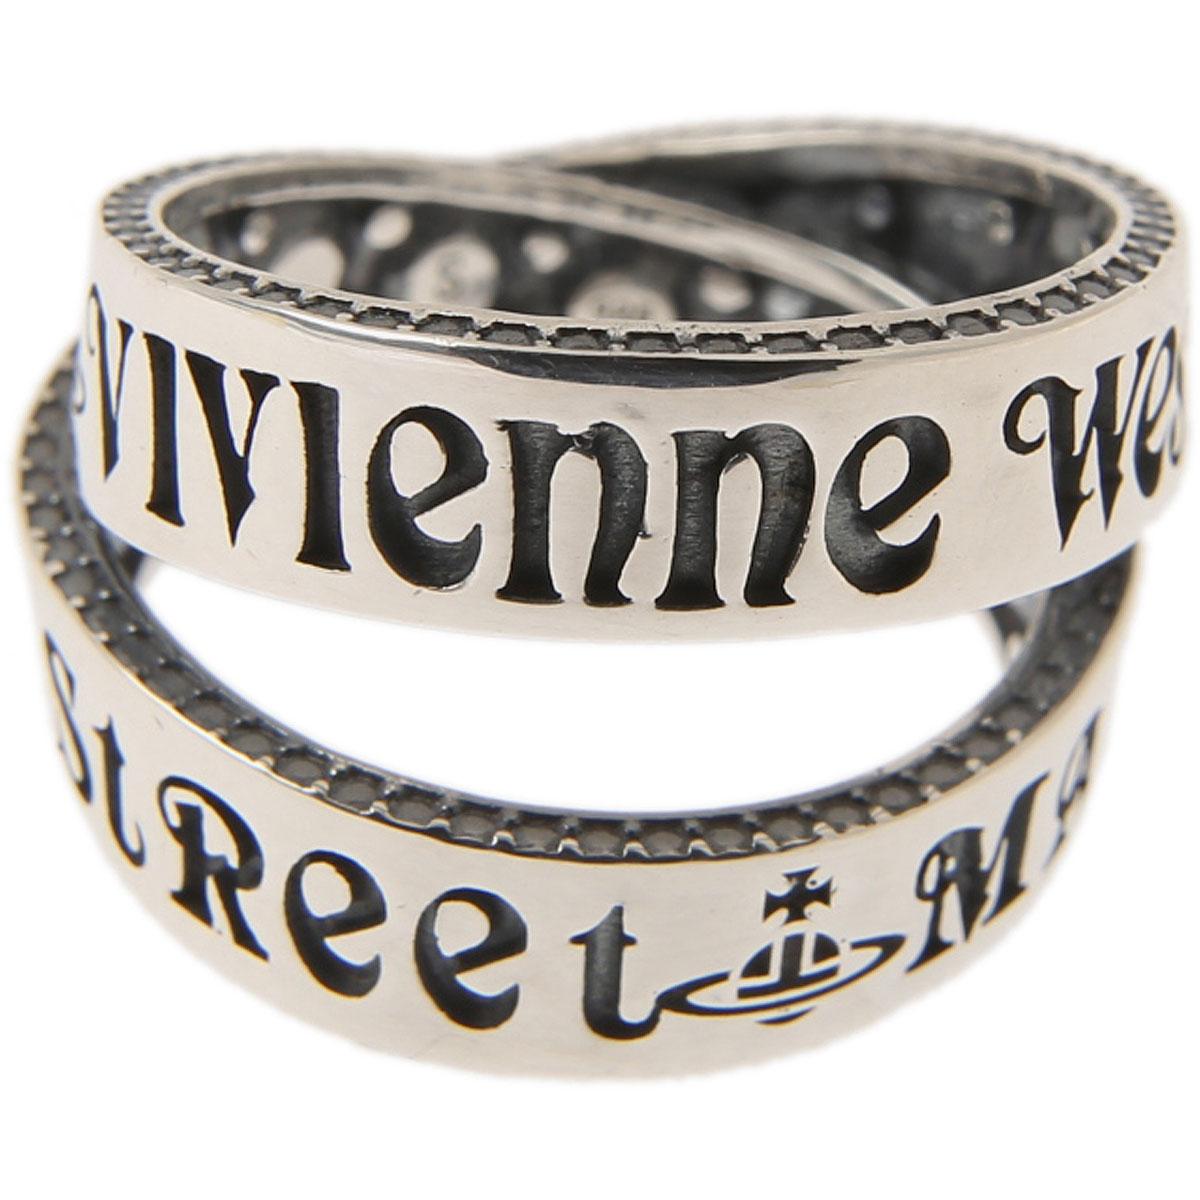 Vivienne Westwood Bague Femme, Argent, Argent Oxydé, 2017, L M